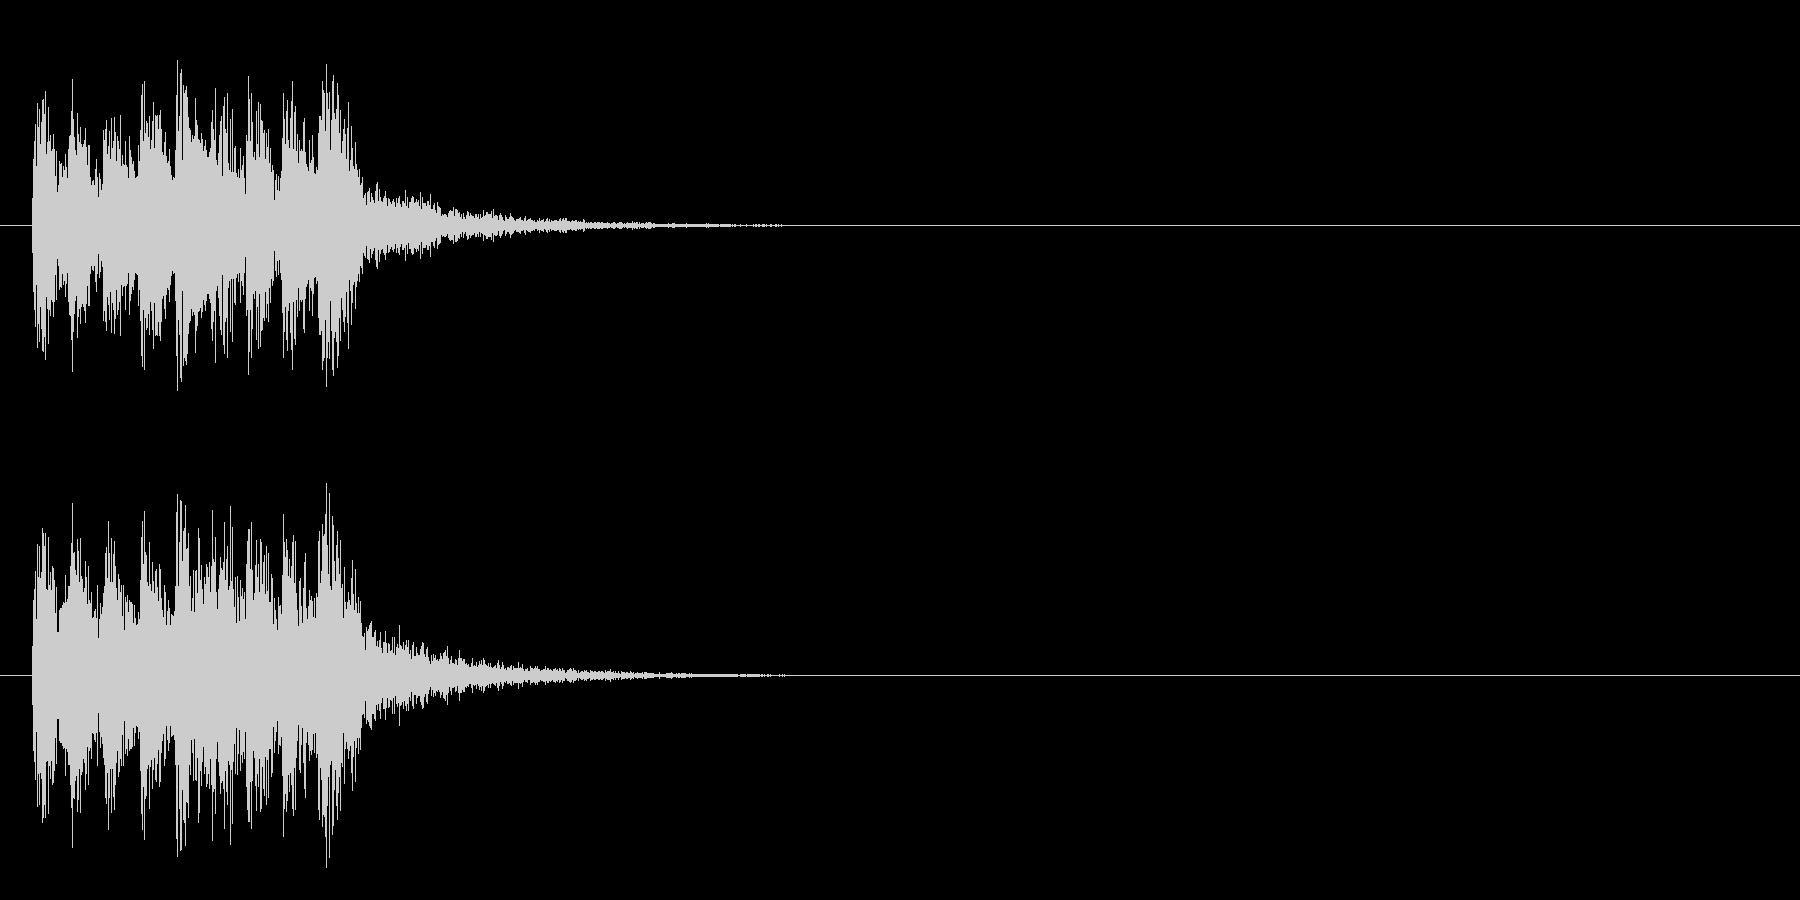 ジングル/アタック(ポップ/ロック)の未再生の波形